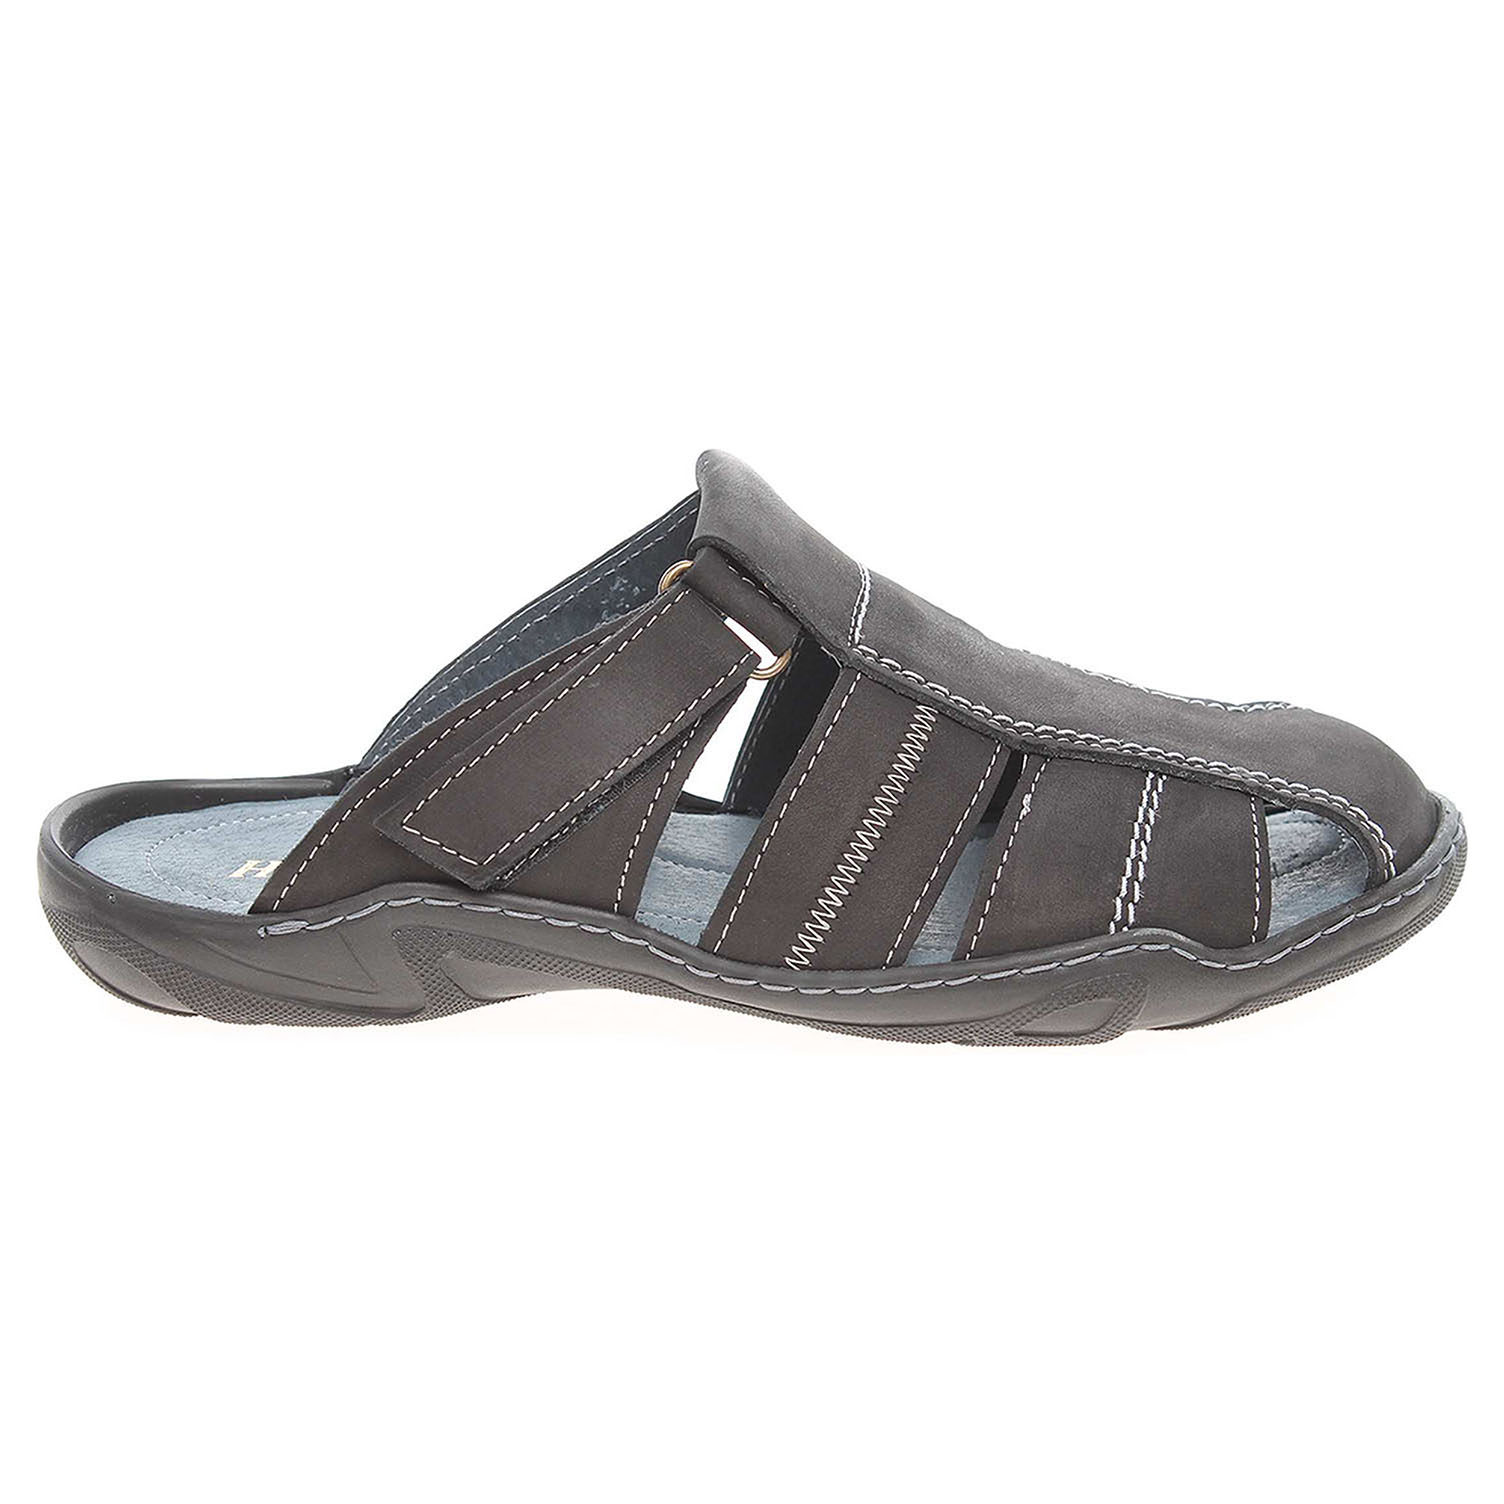 Ecco Pánské pantofle F0255 černé 24900150